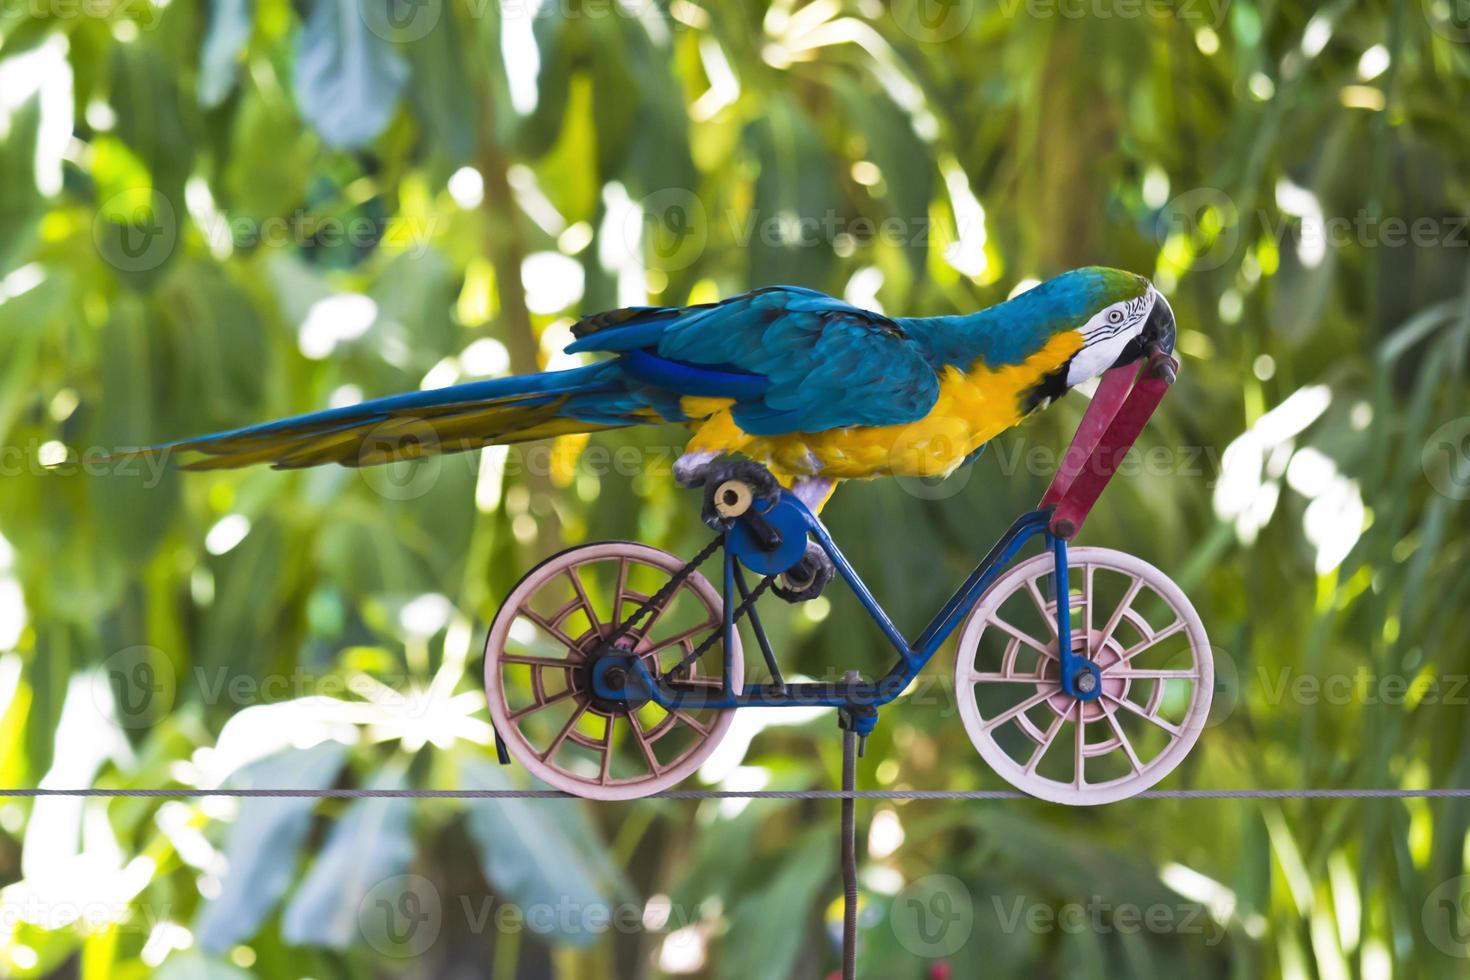 papagaio em uma bicicleta foto